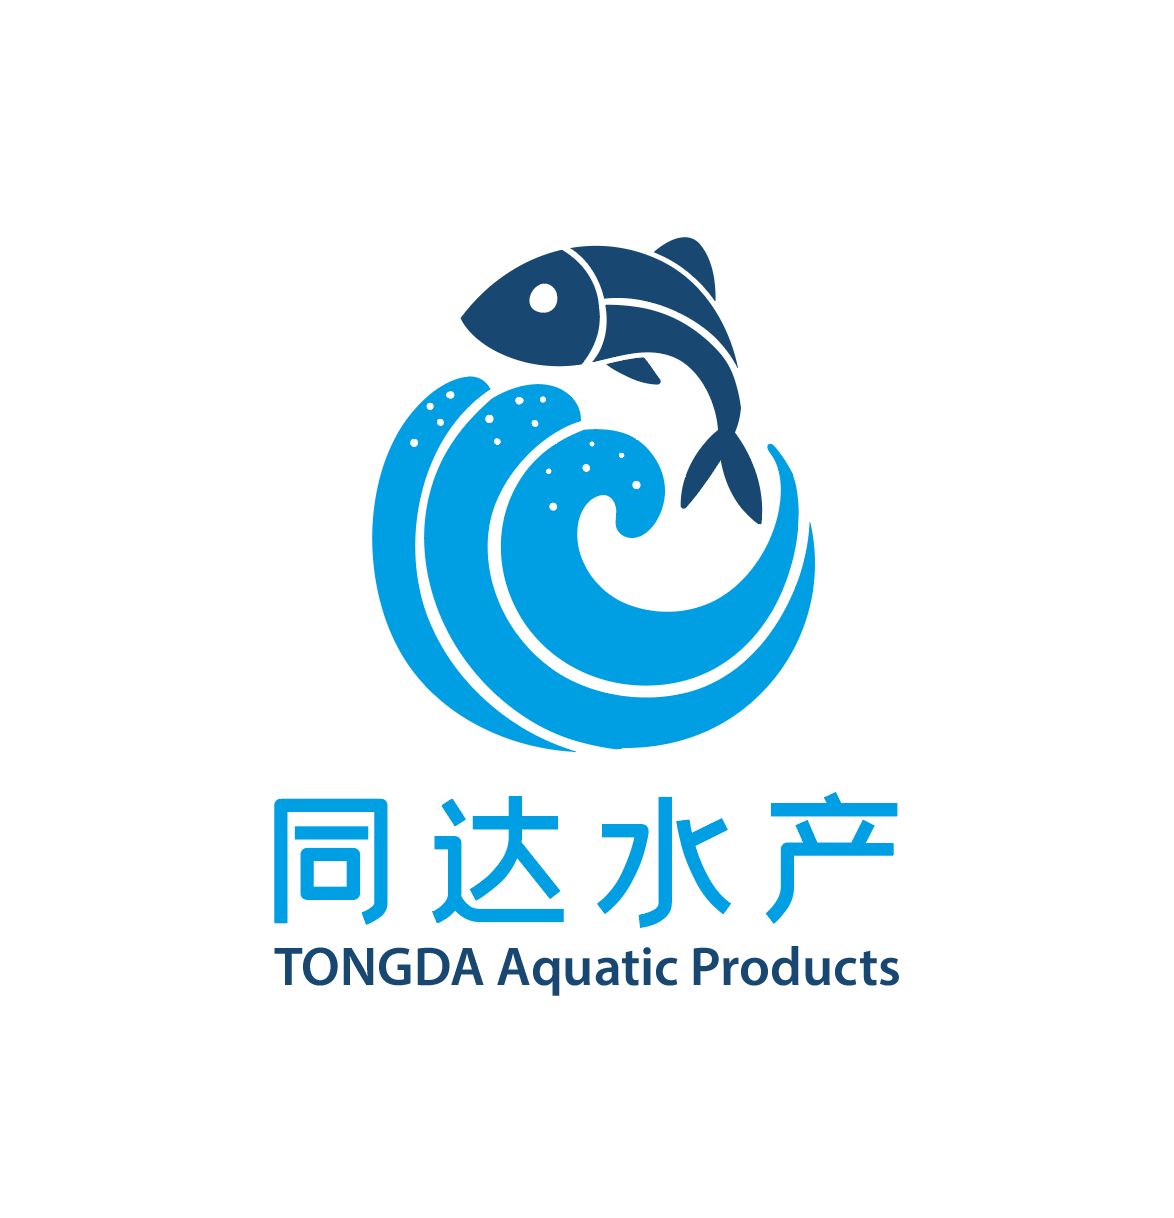 漳州同达水产有限公司